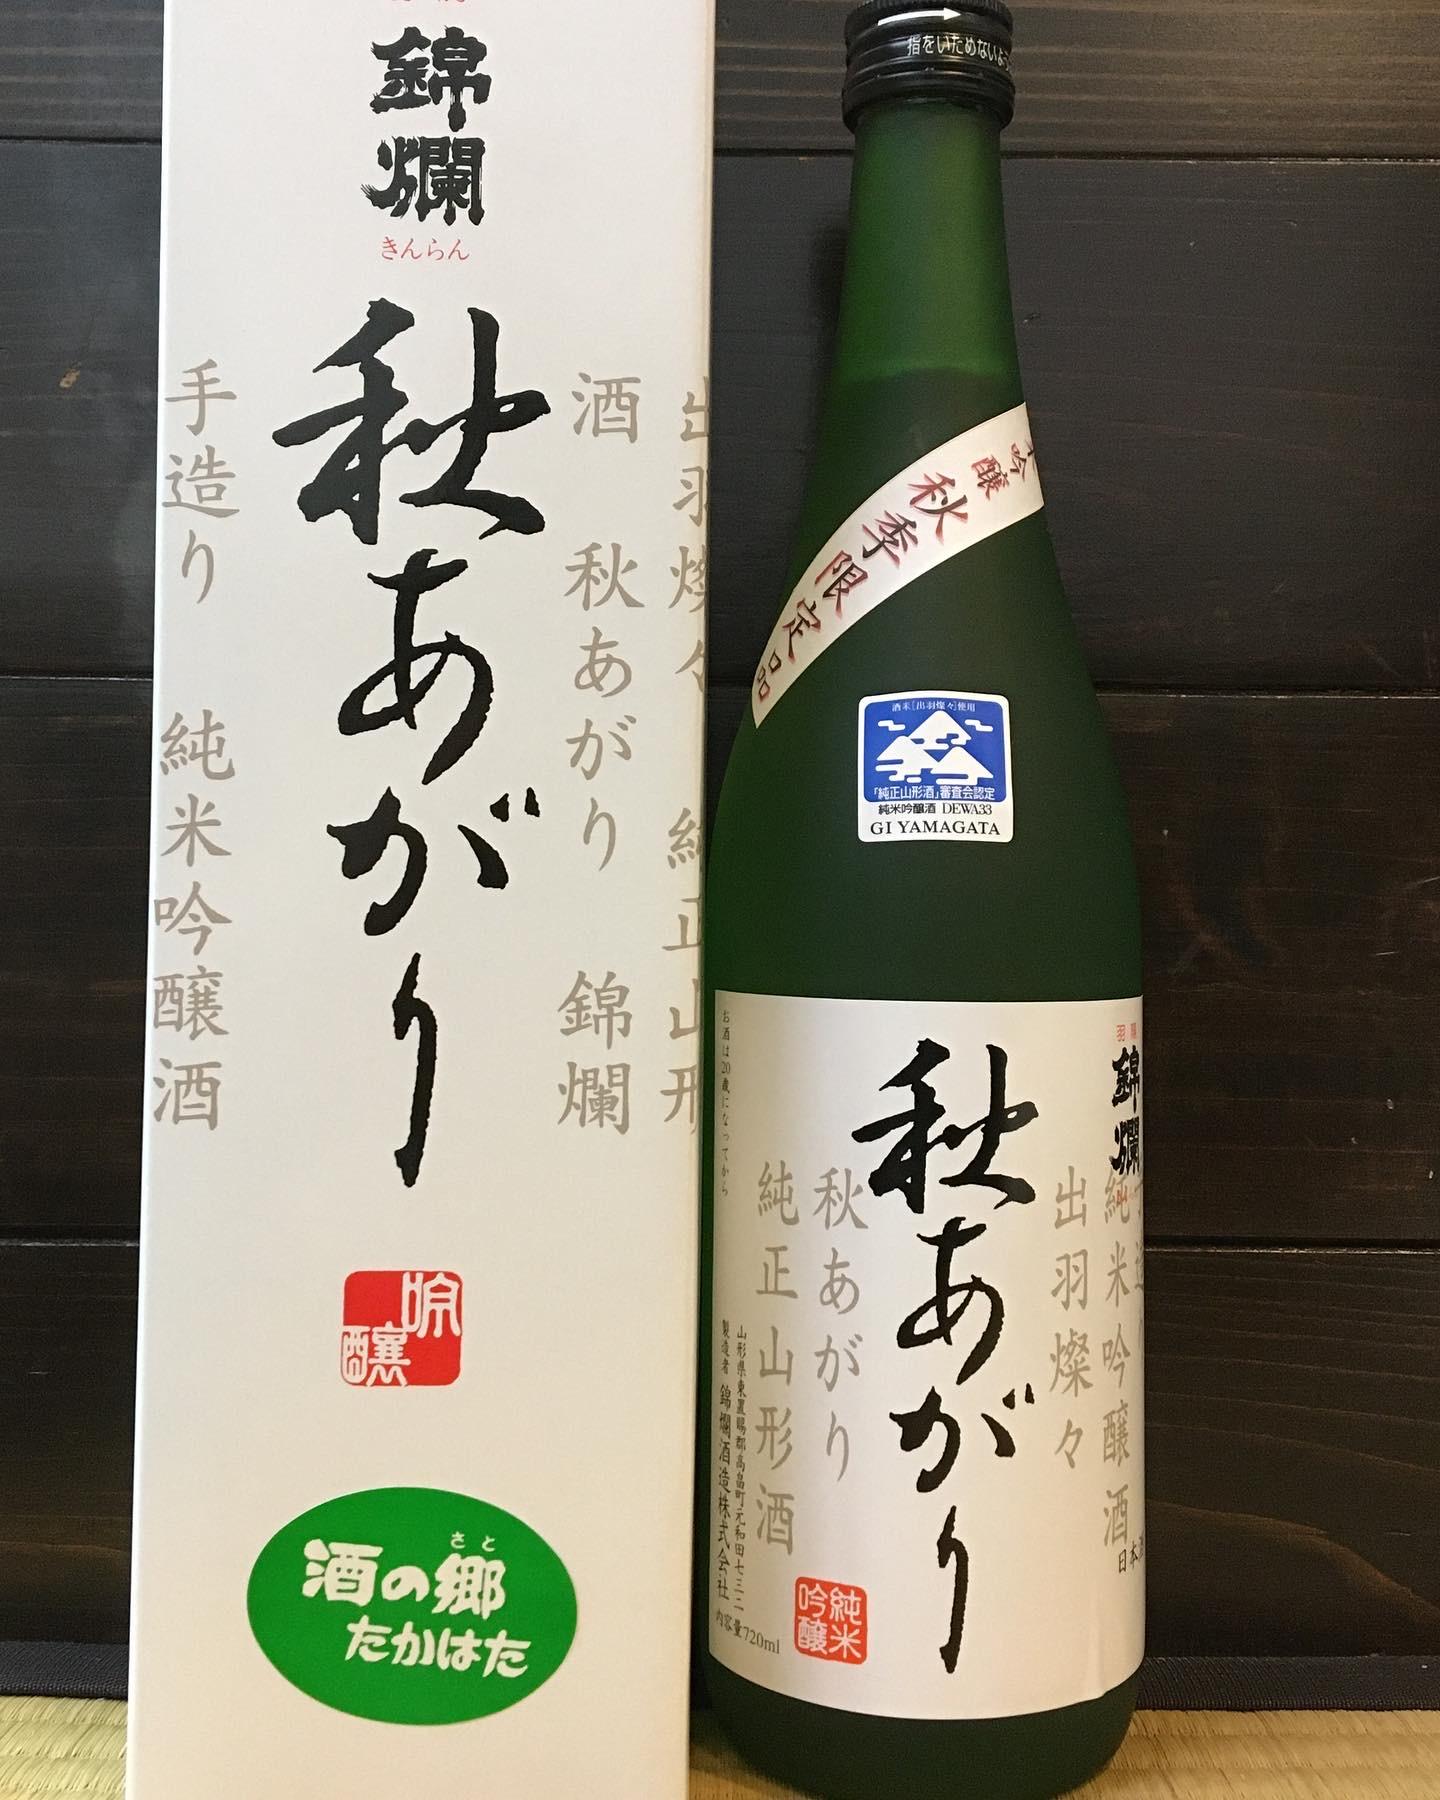 はい!小田部商店です!控えめに言っても売れすぎてるお酒再入荷!